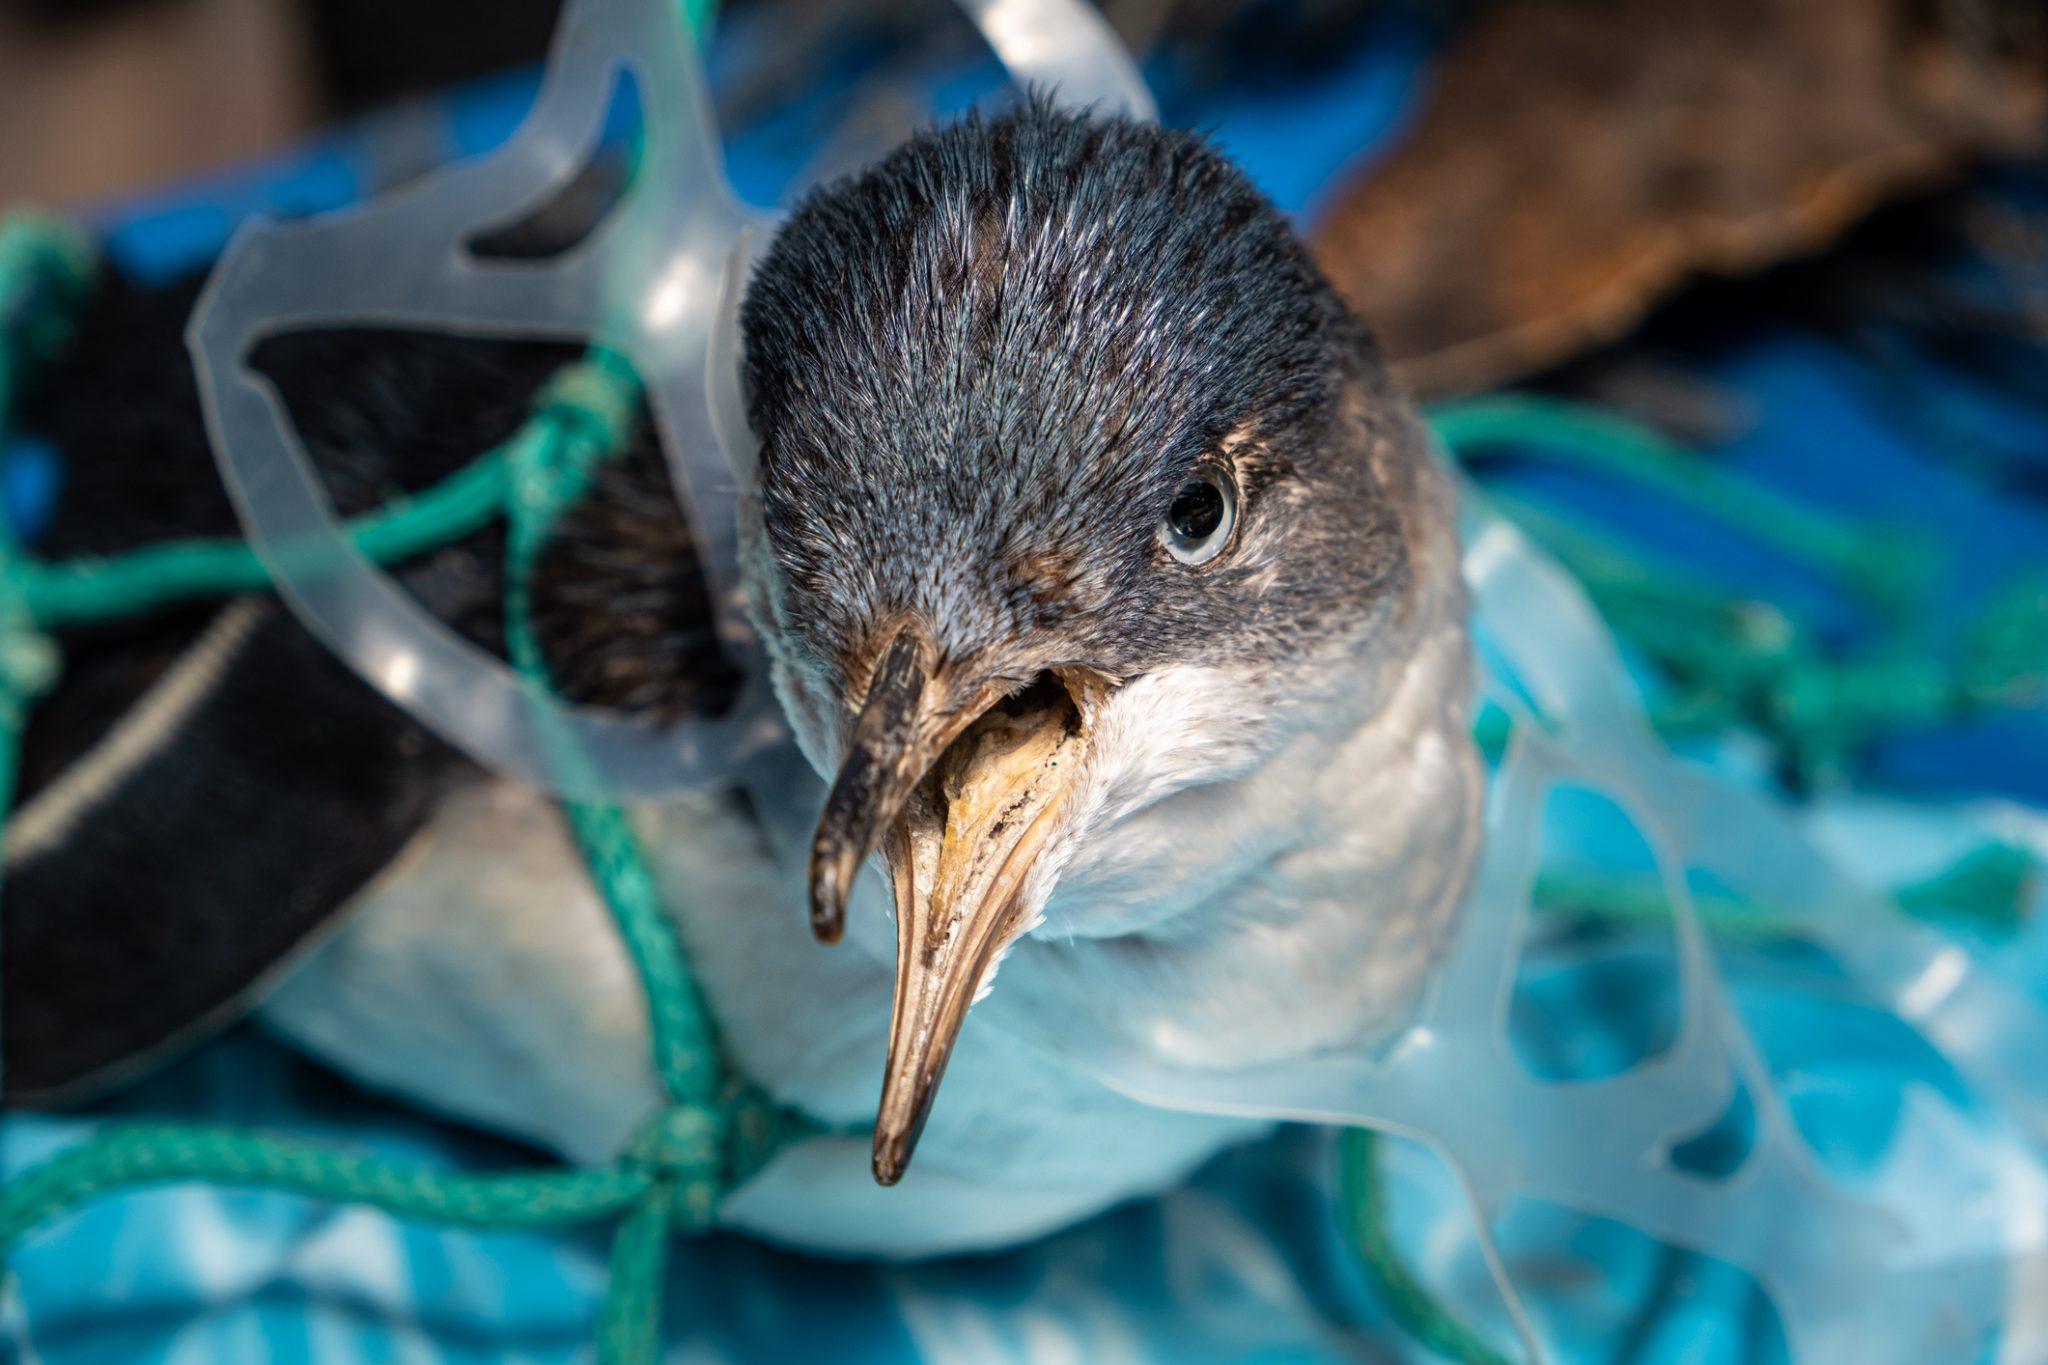 Penguin caught in plastic